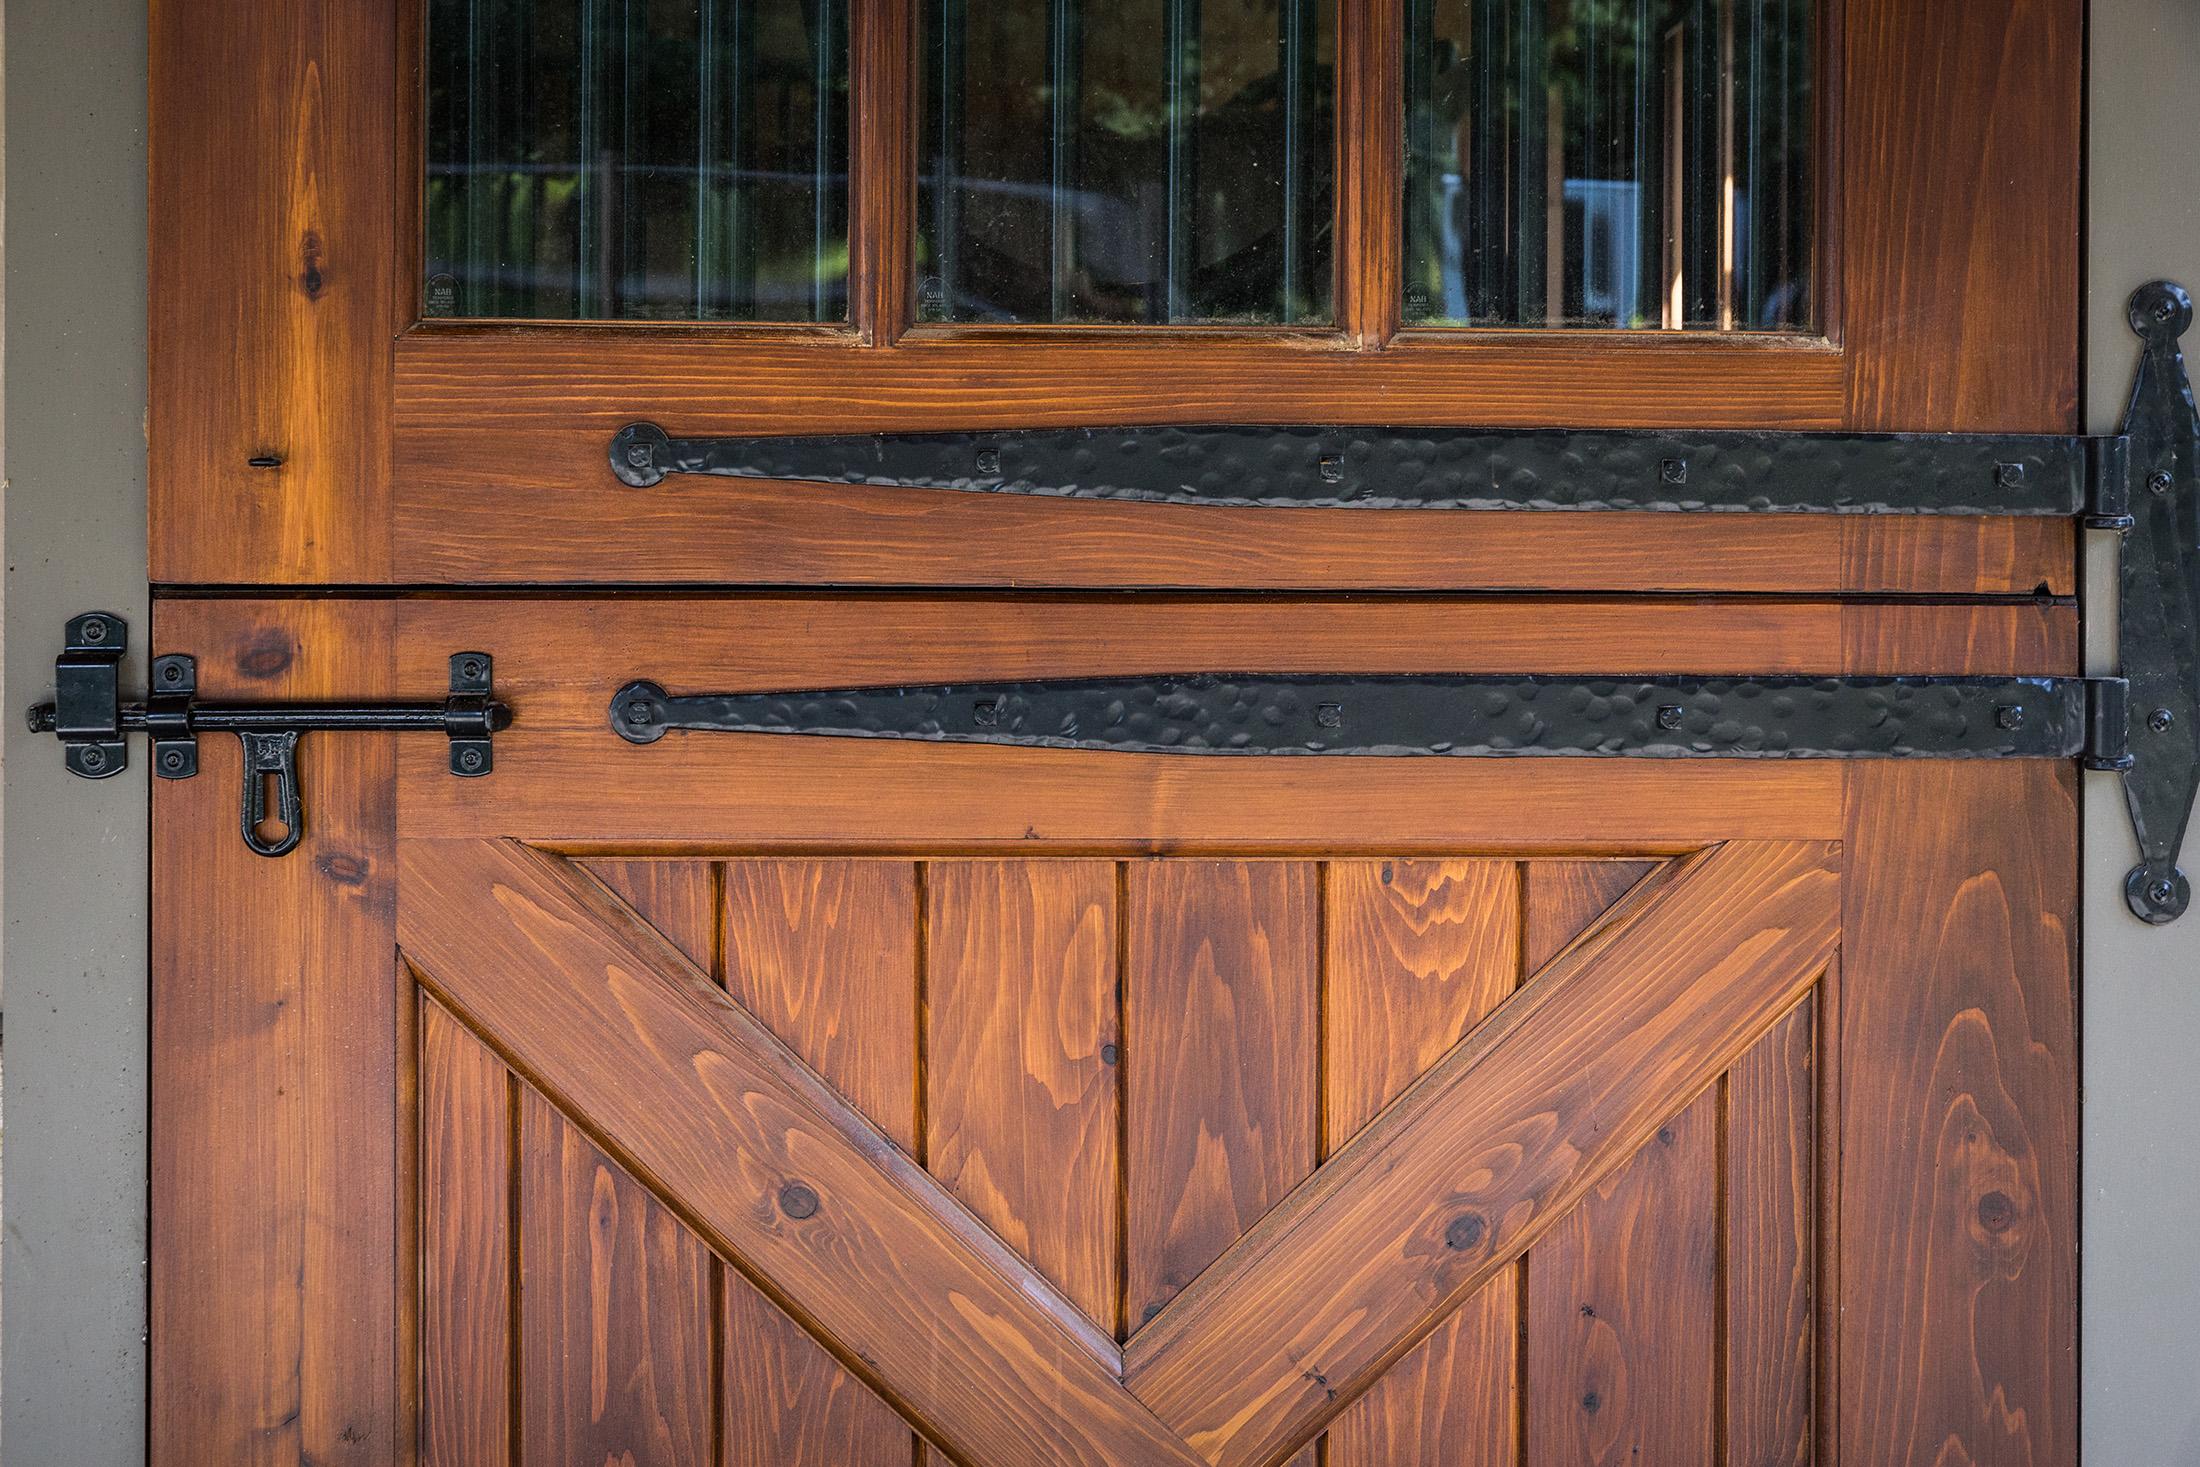 Barn door detail with stall door slider latch